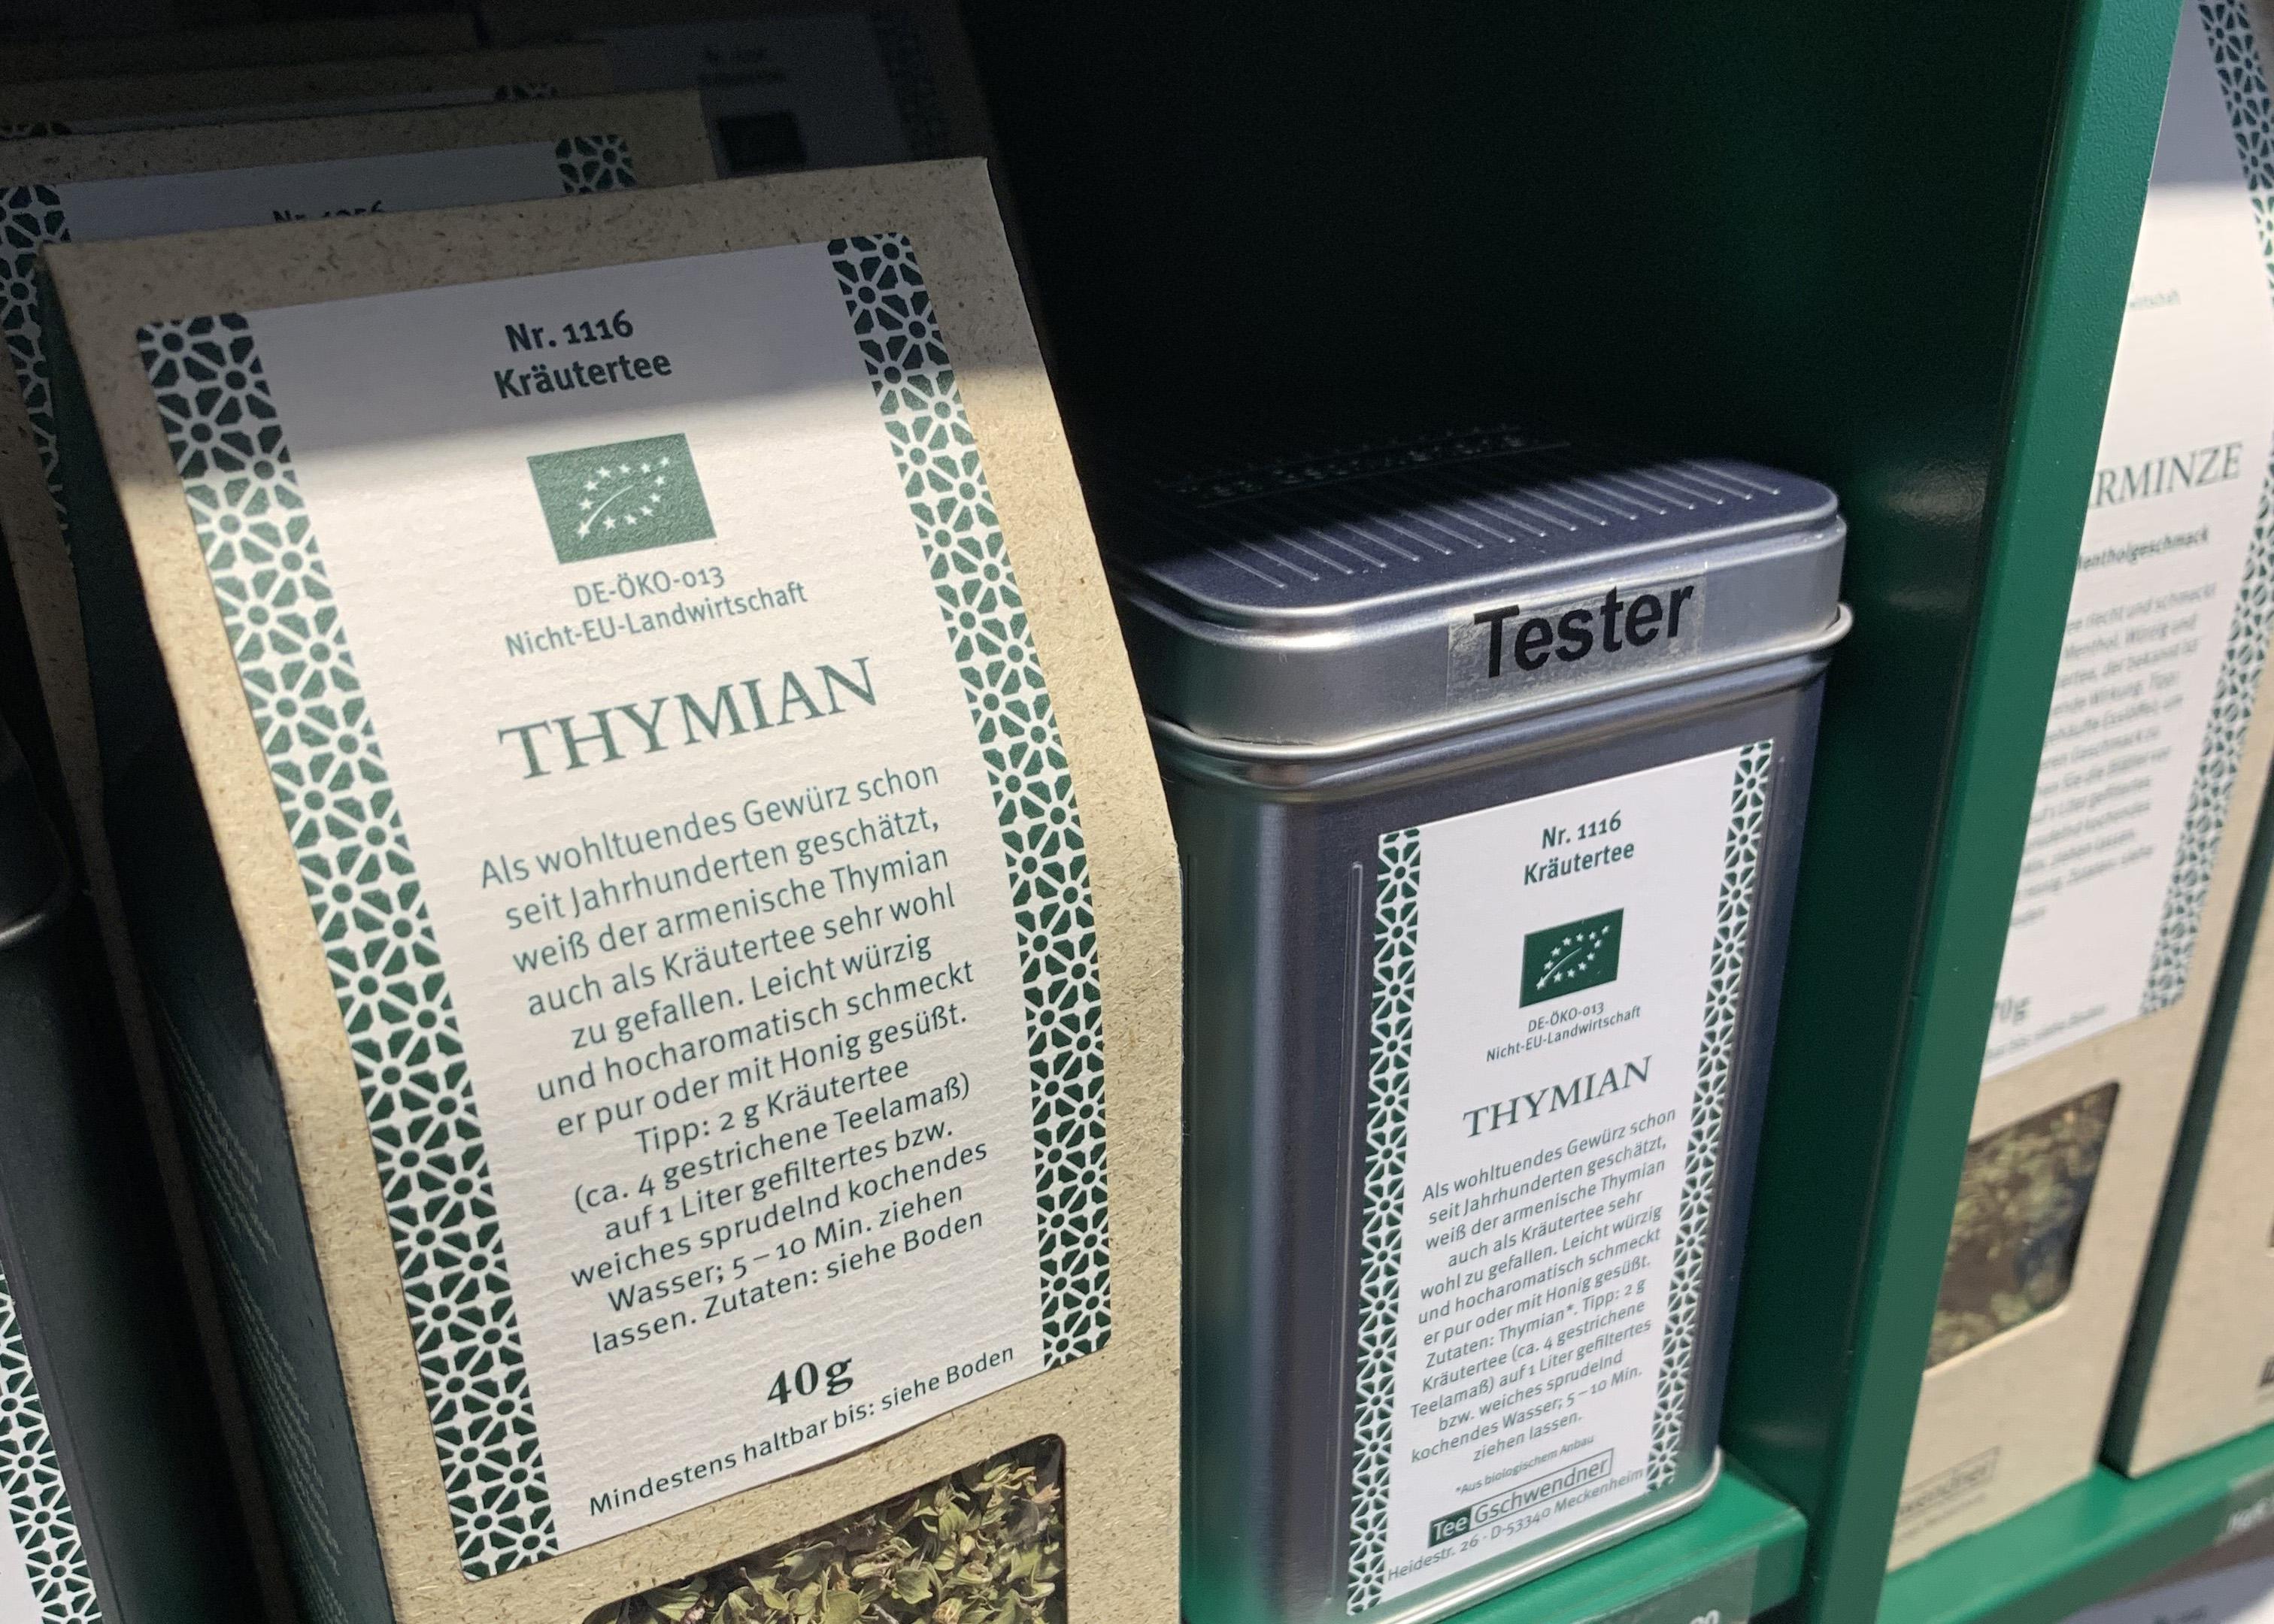 Հայկական օրգանական թեյն արդեն վաճառվում է Գերմանիայում